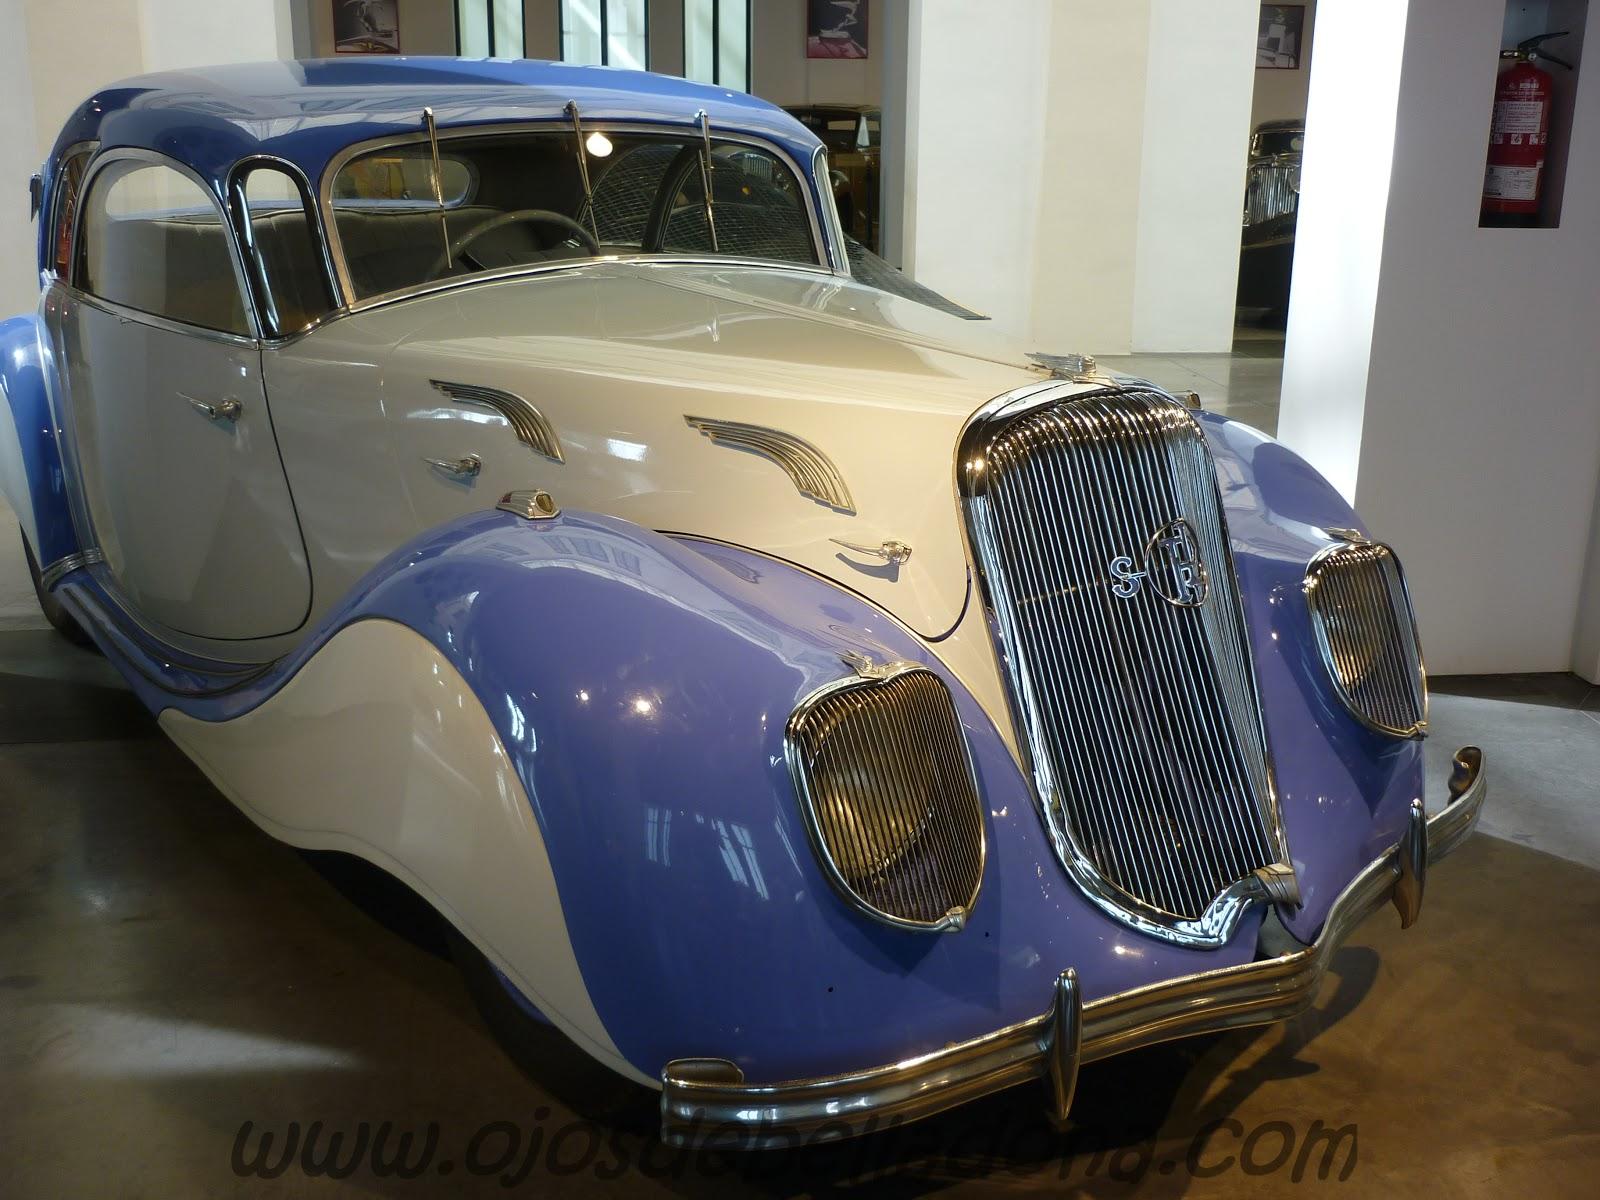 Museo automovil stico de m laga ojos de belladona for Sala hollywood malaga